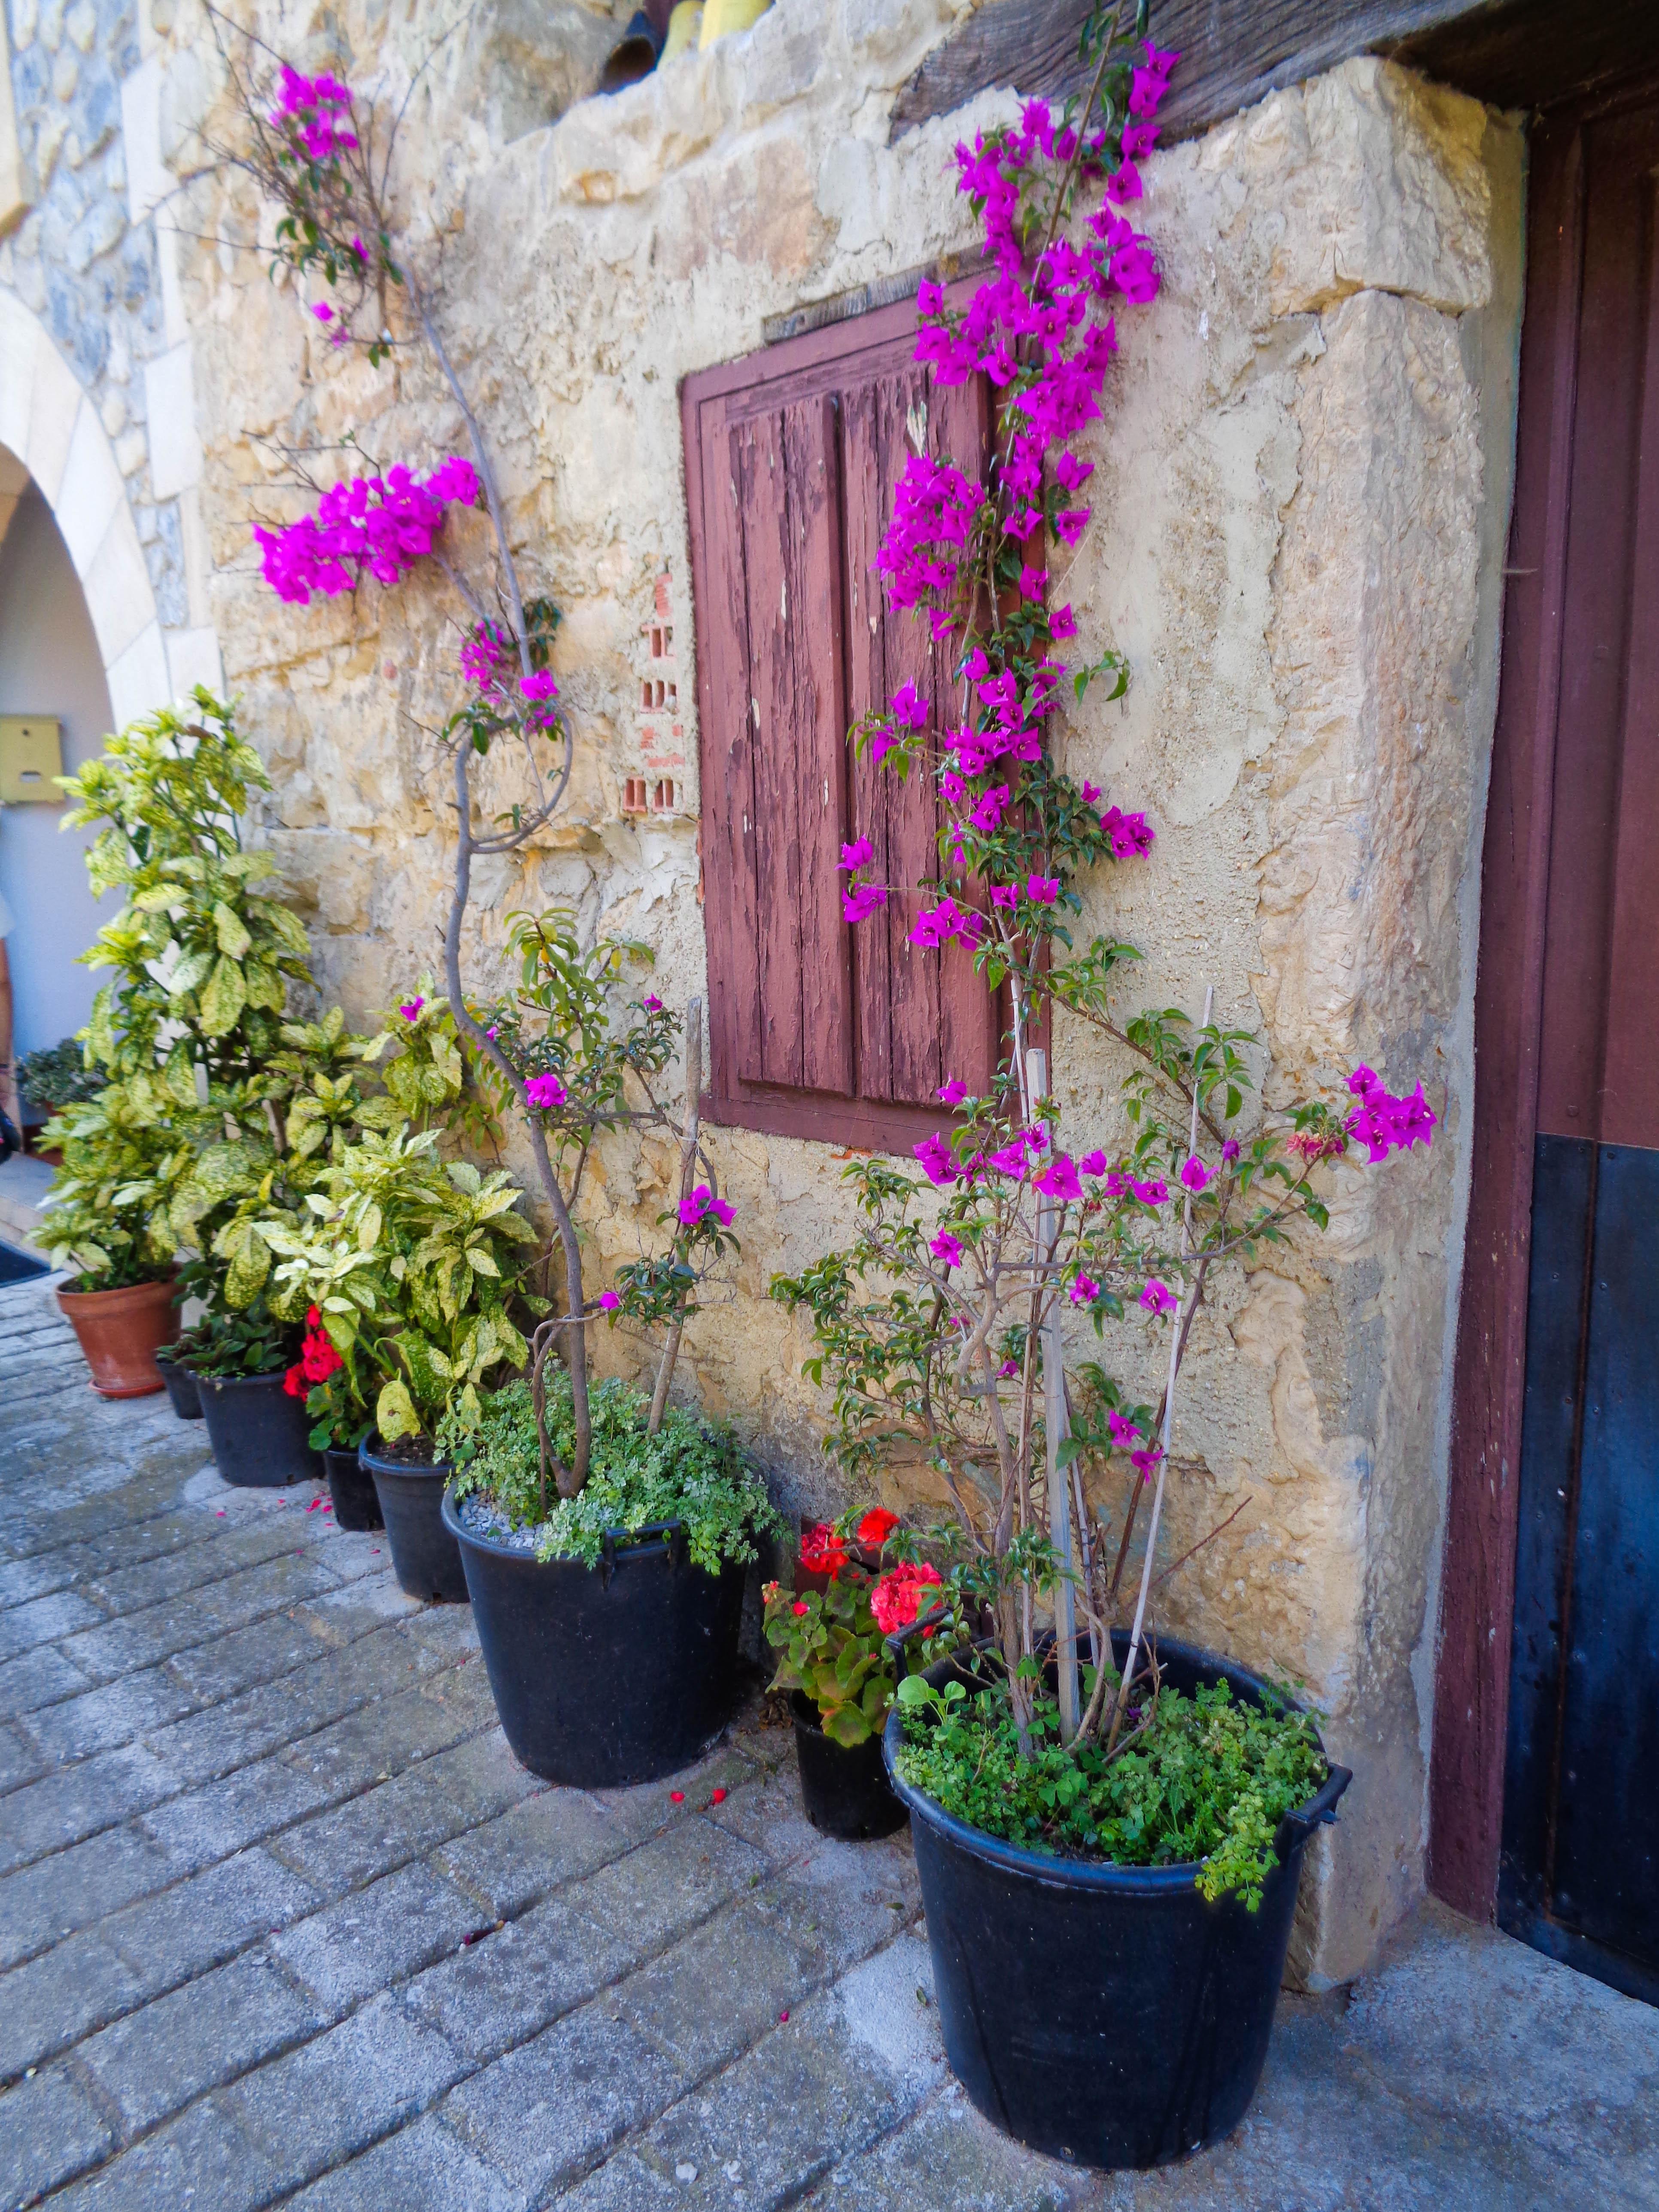 Pot plants, Buelna, Asturias